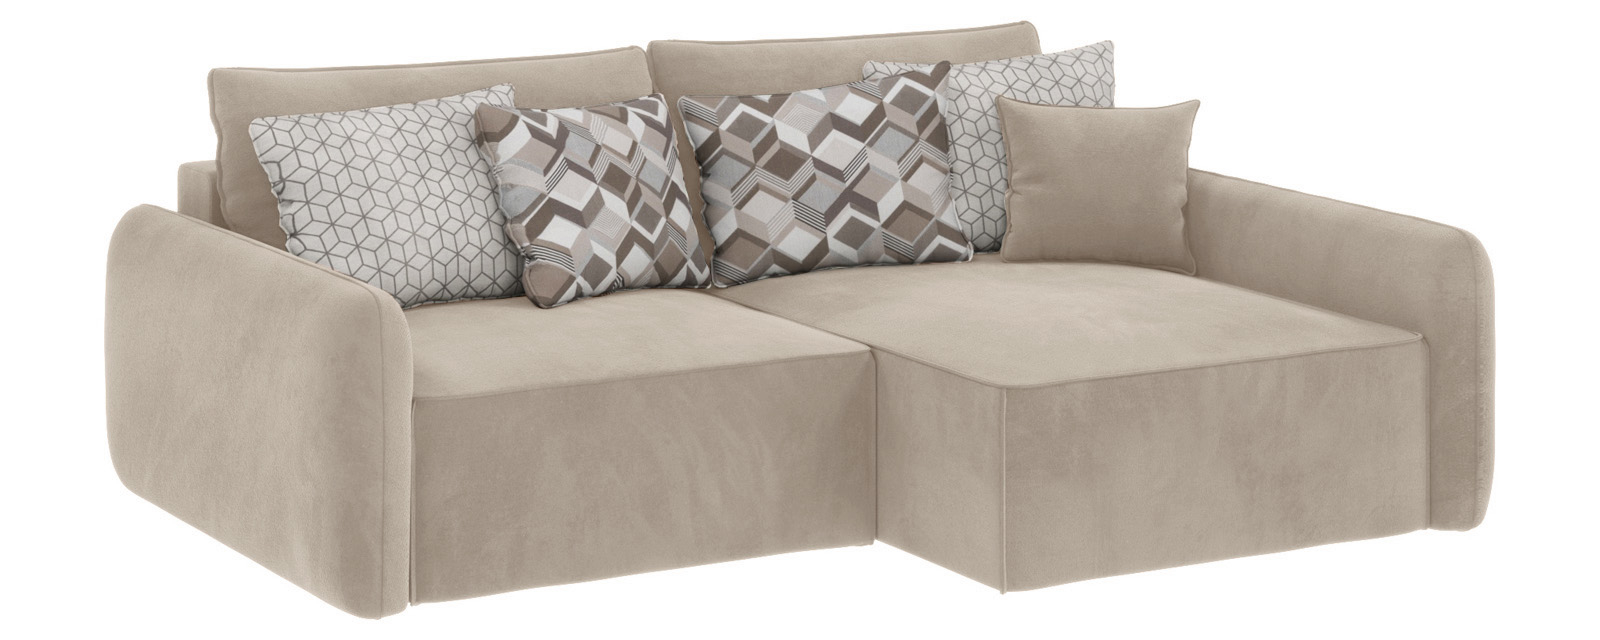 Модульный диван Портленд вариант №4 Soft светло-бежевый (Вел-флок, правый)